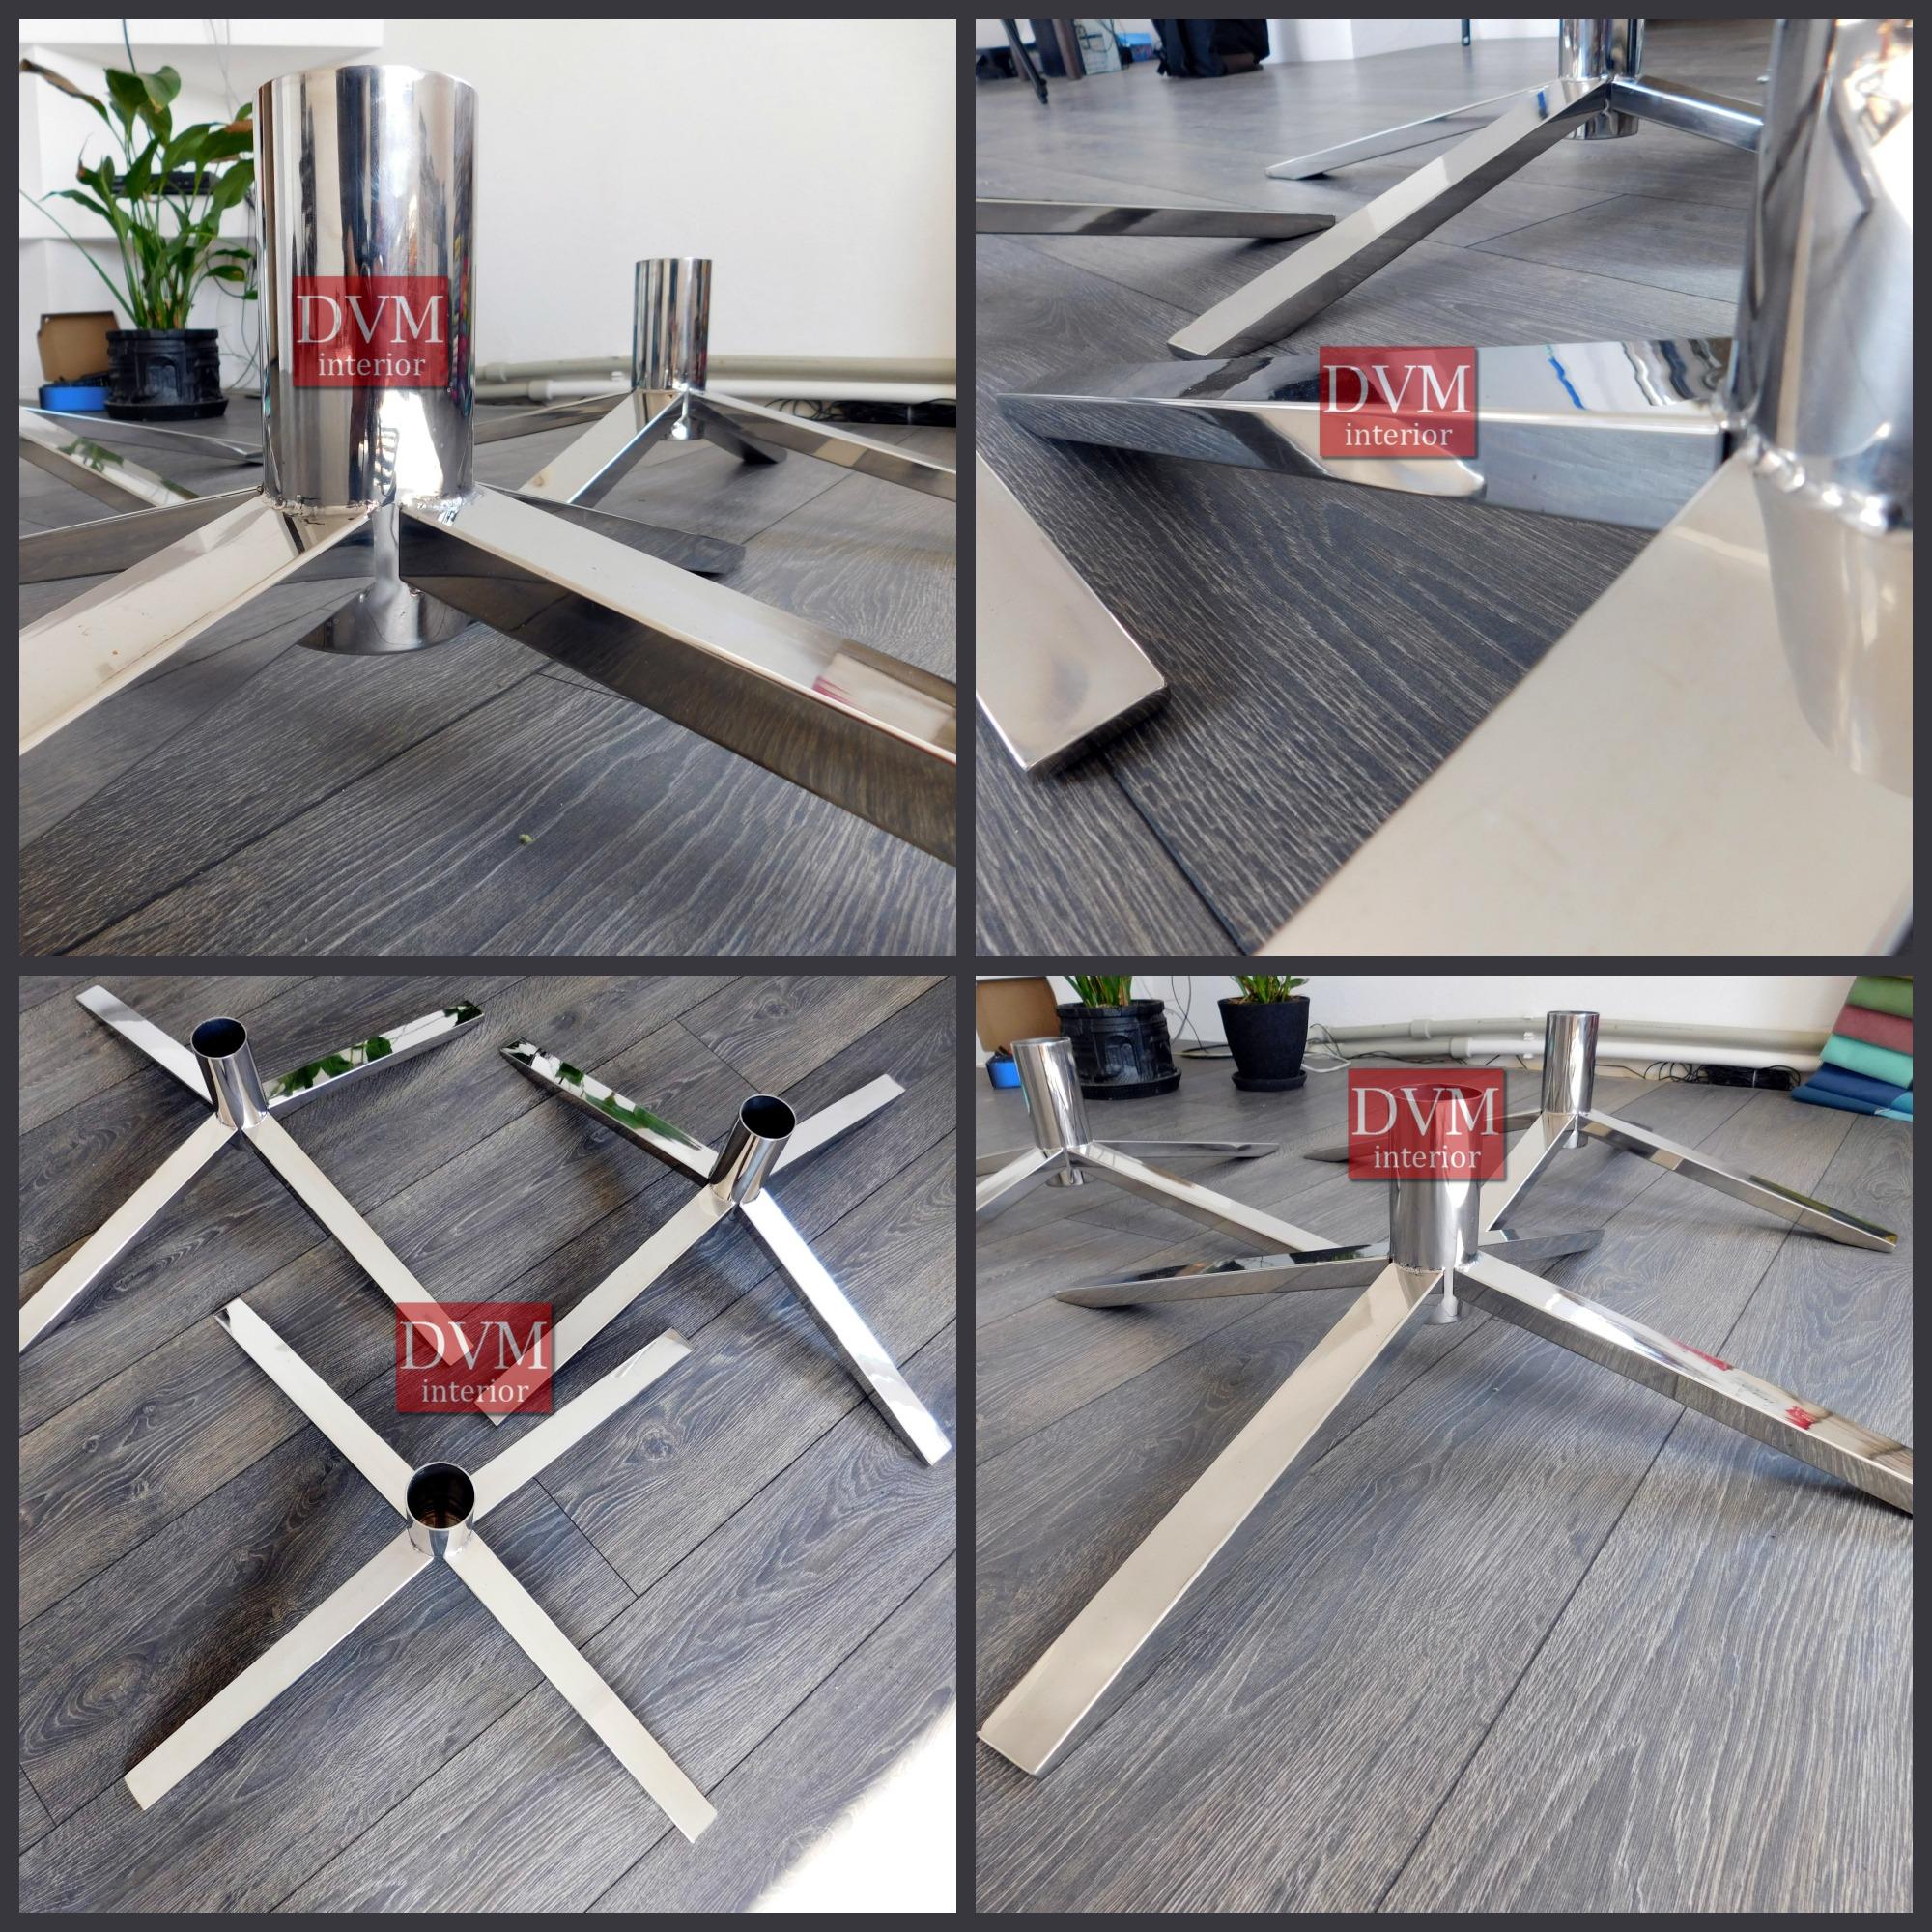 Nozhki iz mettala - Изготовление изделий из металла